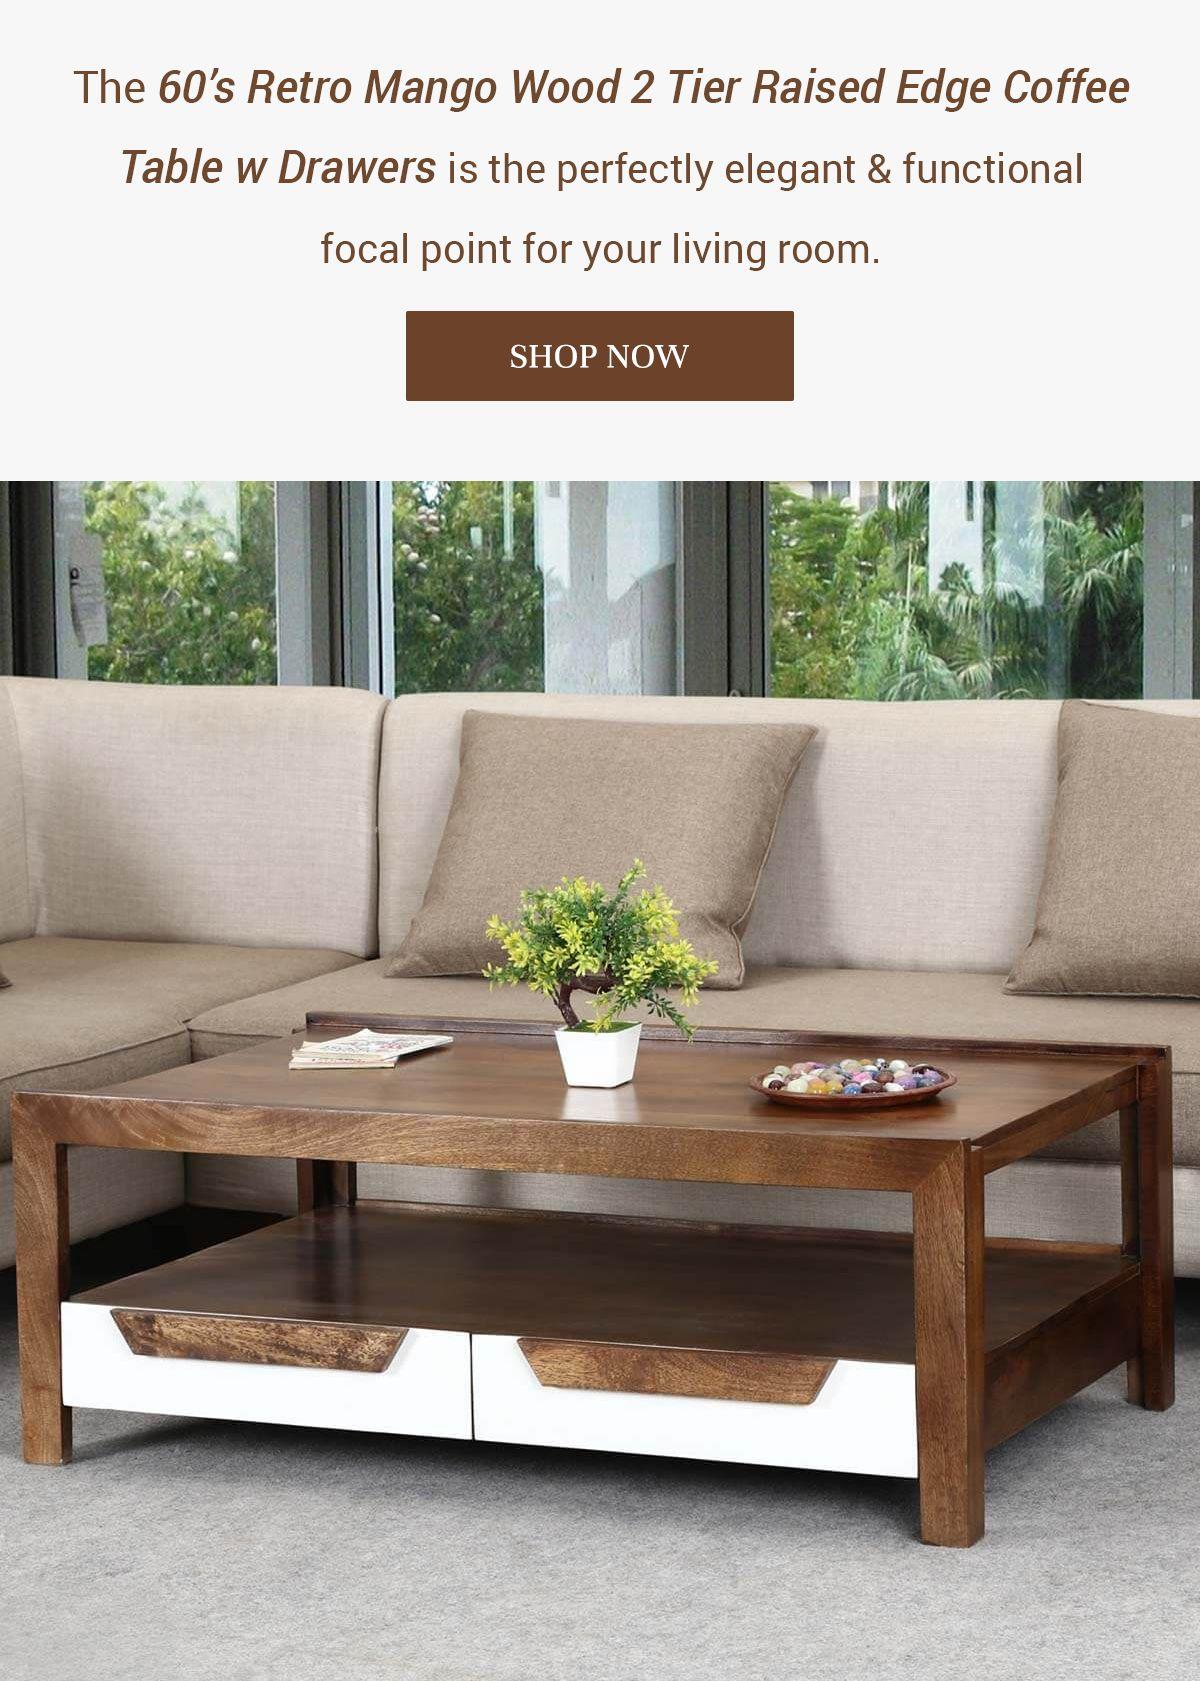 60 S Retro Mango Wood 2 Tier Raised Edge Coffee Table W Drawers In 2021 Coffee Table Iron Coffee Table Coffee Table With Storage [ 1681 x 1200 Pixel ]